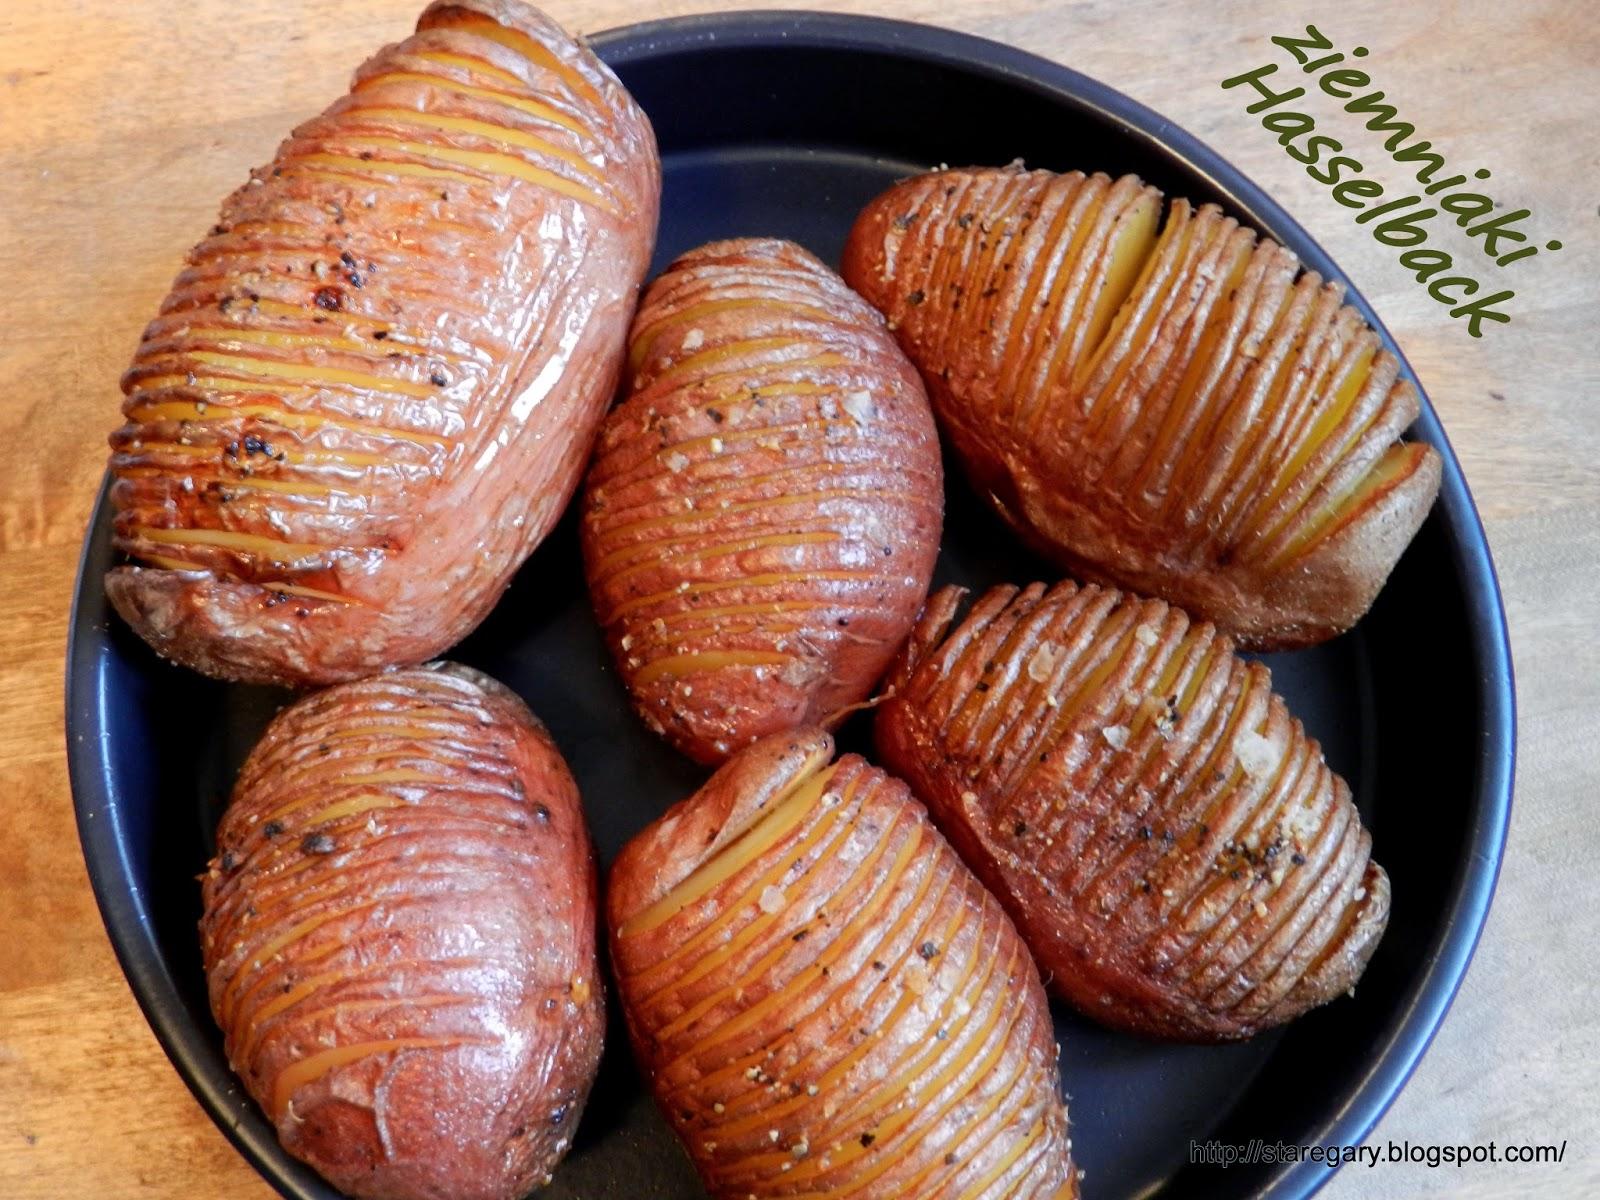 Ziemniaki Hasselback pieczone w garnku rzymskim